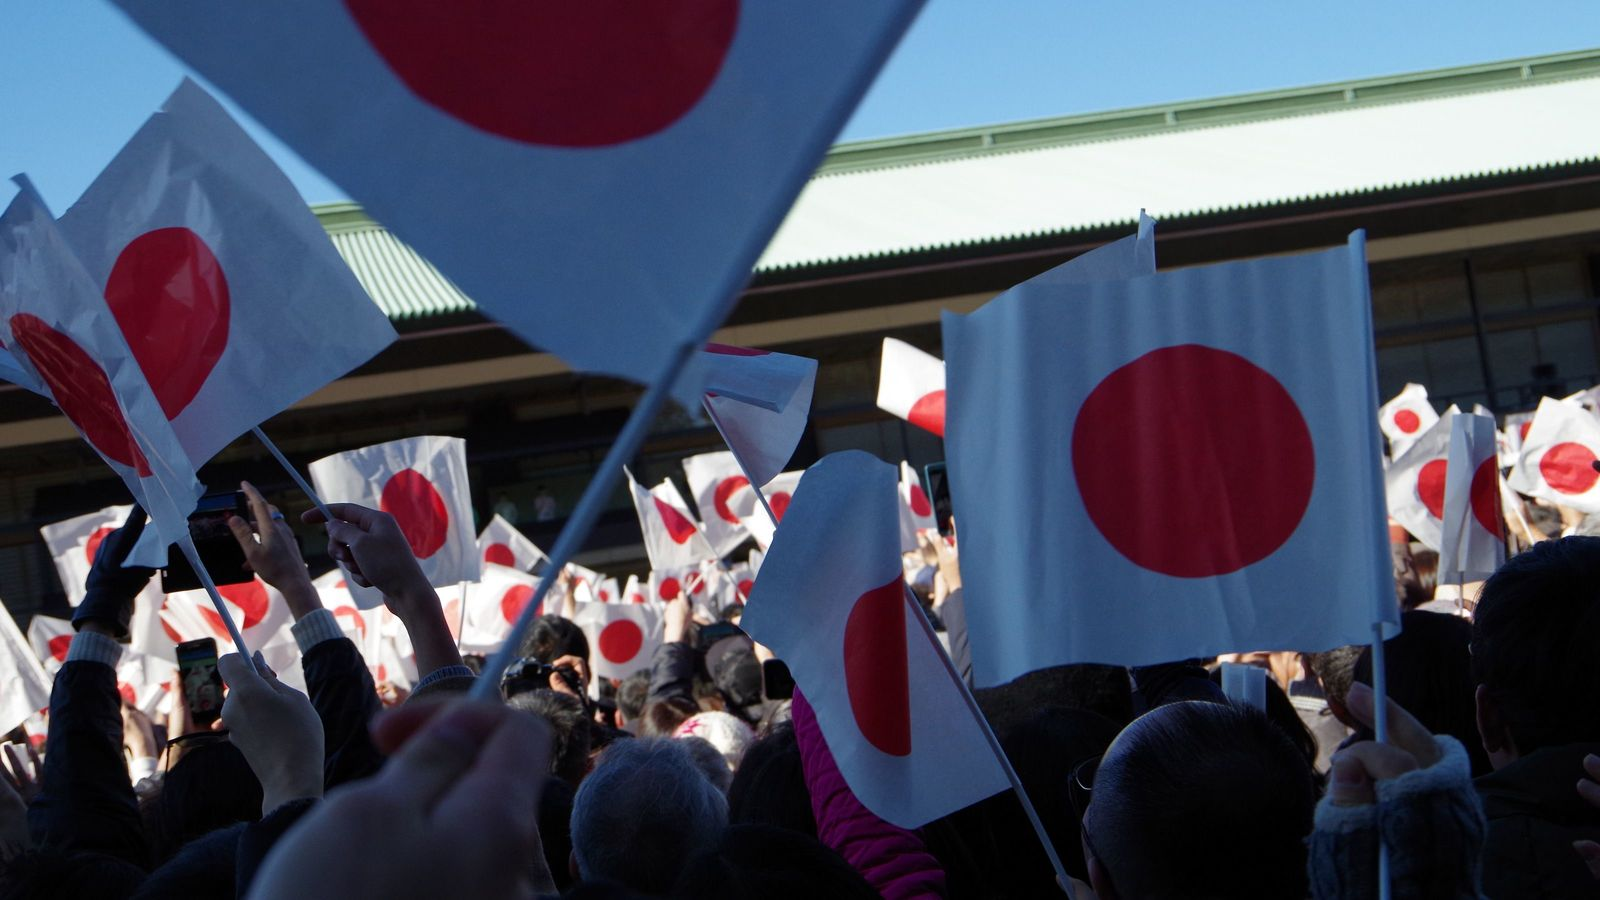 日本企業は外からは謎な「闇ルール」が多すぎる 「ムラの論理」を外にも求める